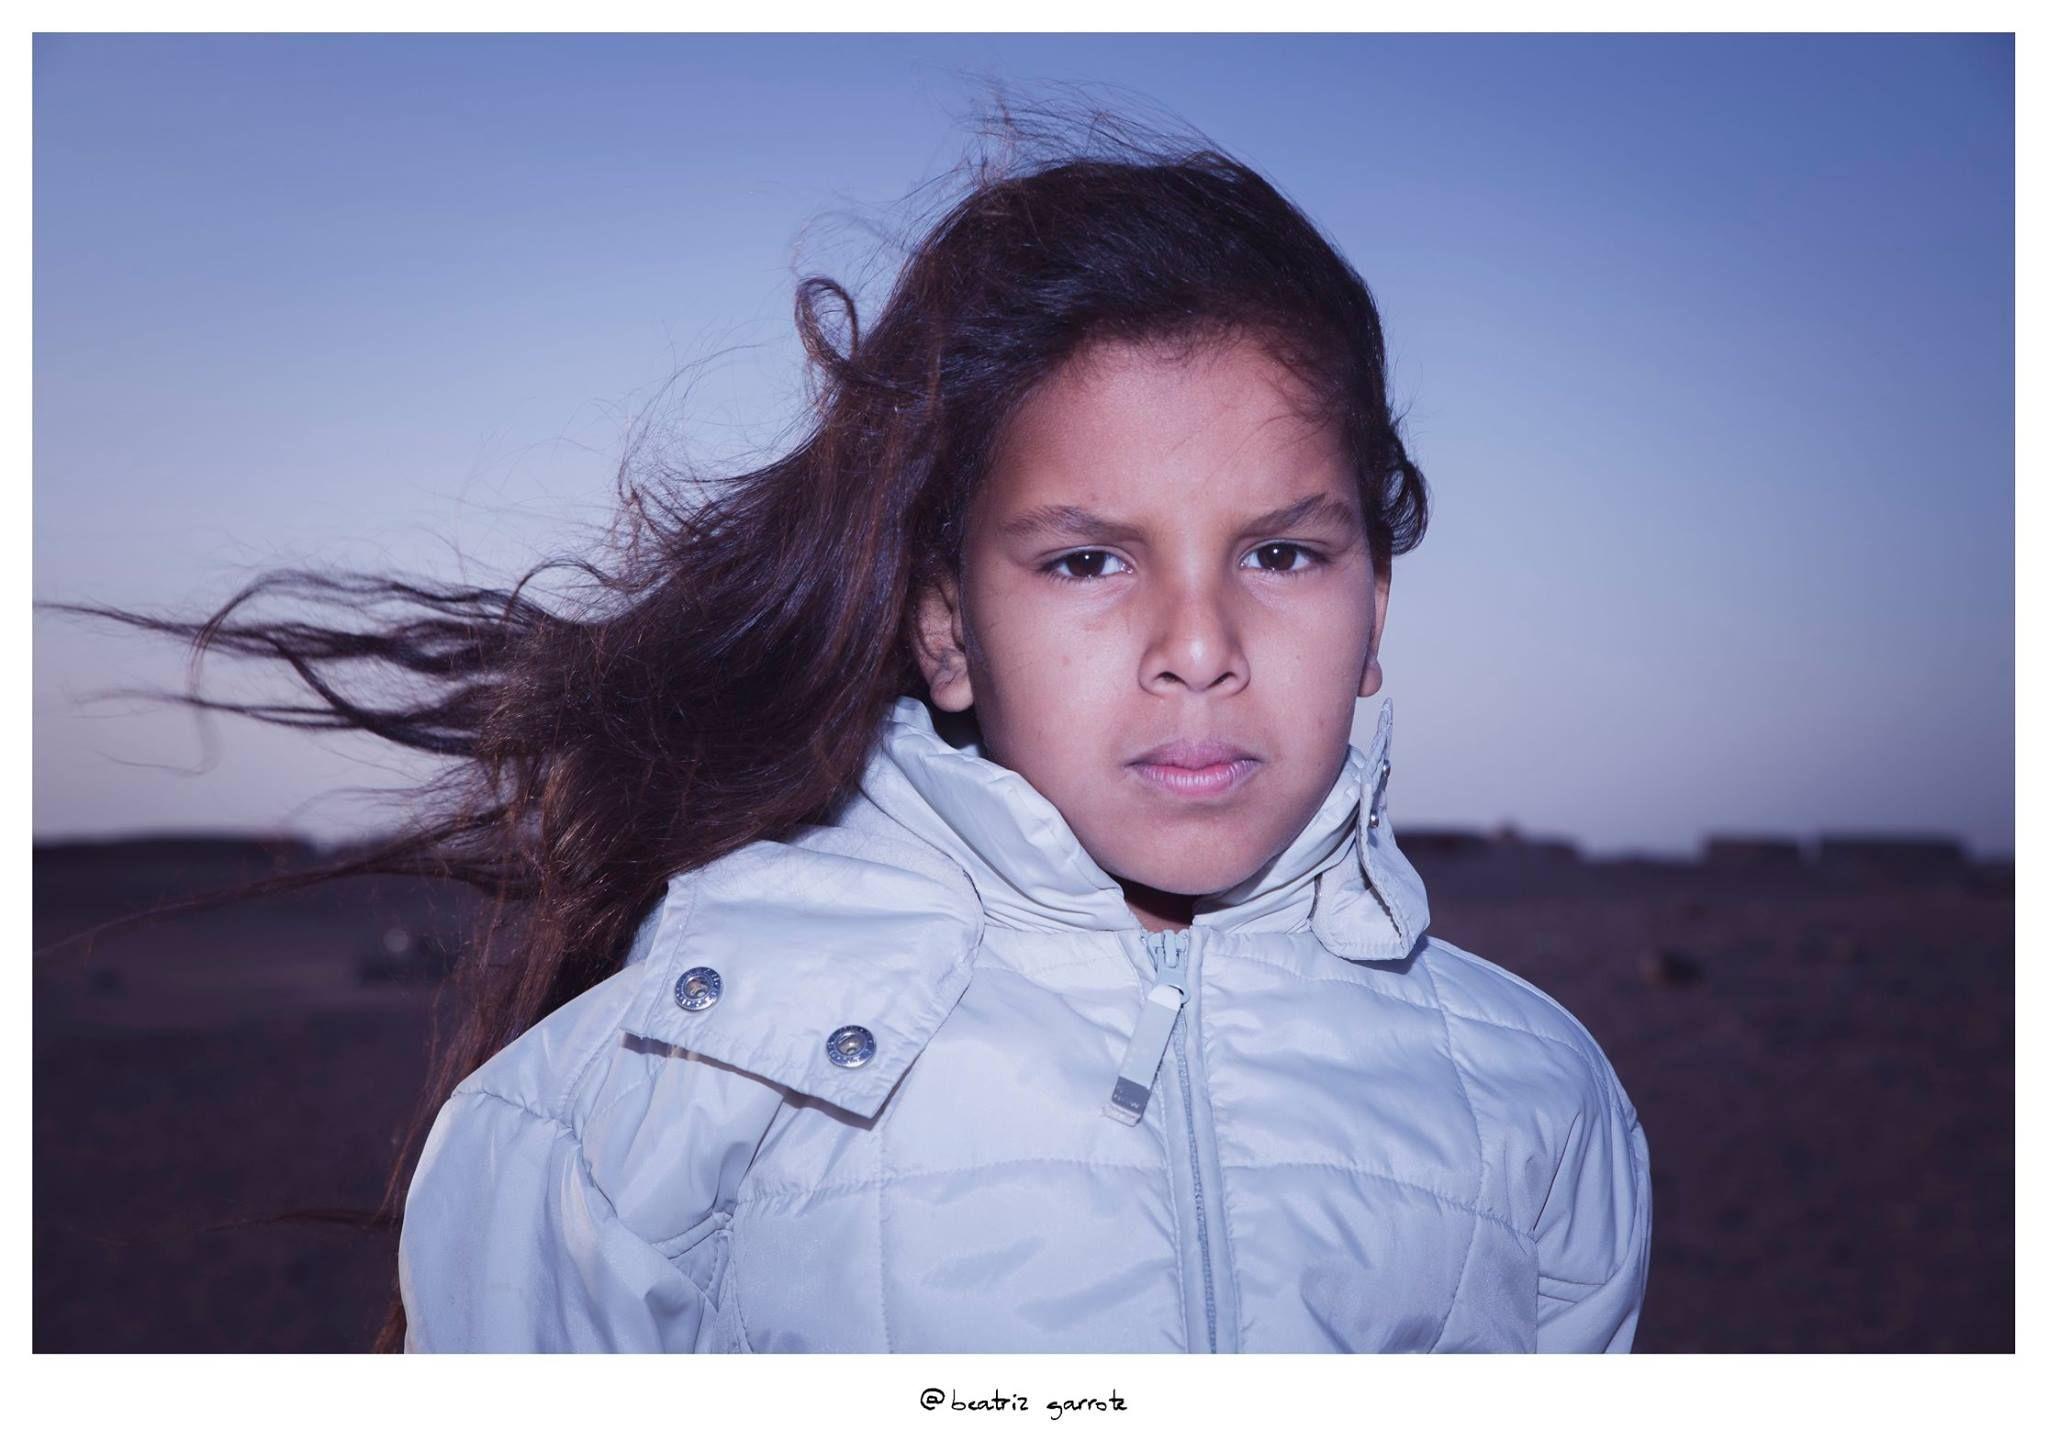 """Mi nombre es Chuhra, soy """"Hija de las nubes"""". Deja que hable, deja que te cuente como fue mi historia ......"""